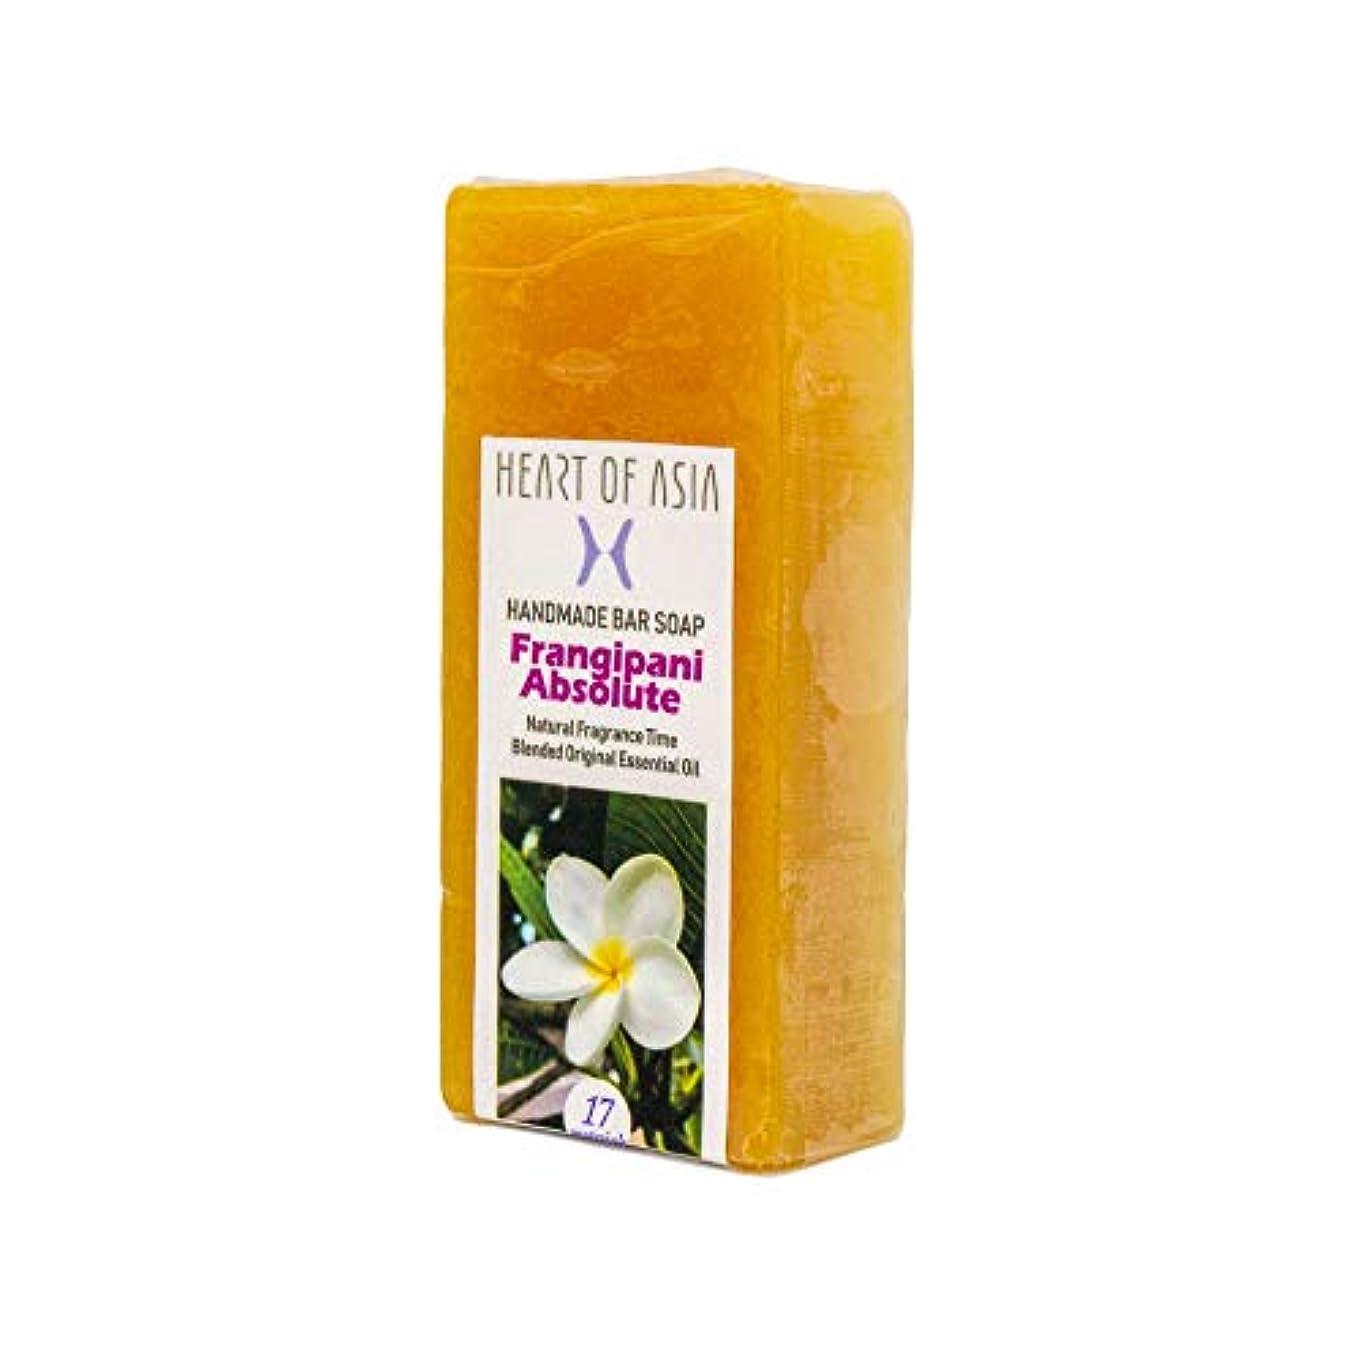 追う宿るサスペンション香水のようなフレグランス石けん HANDMADE BAR SOAP ~Frangipani Absolute~ (単品)